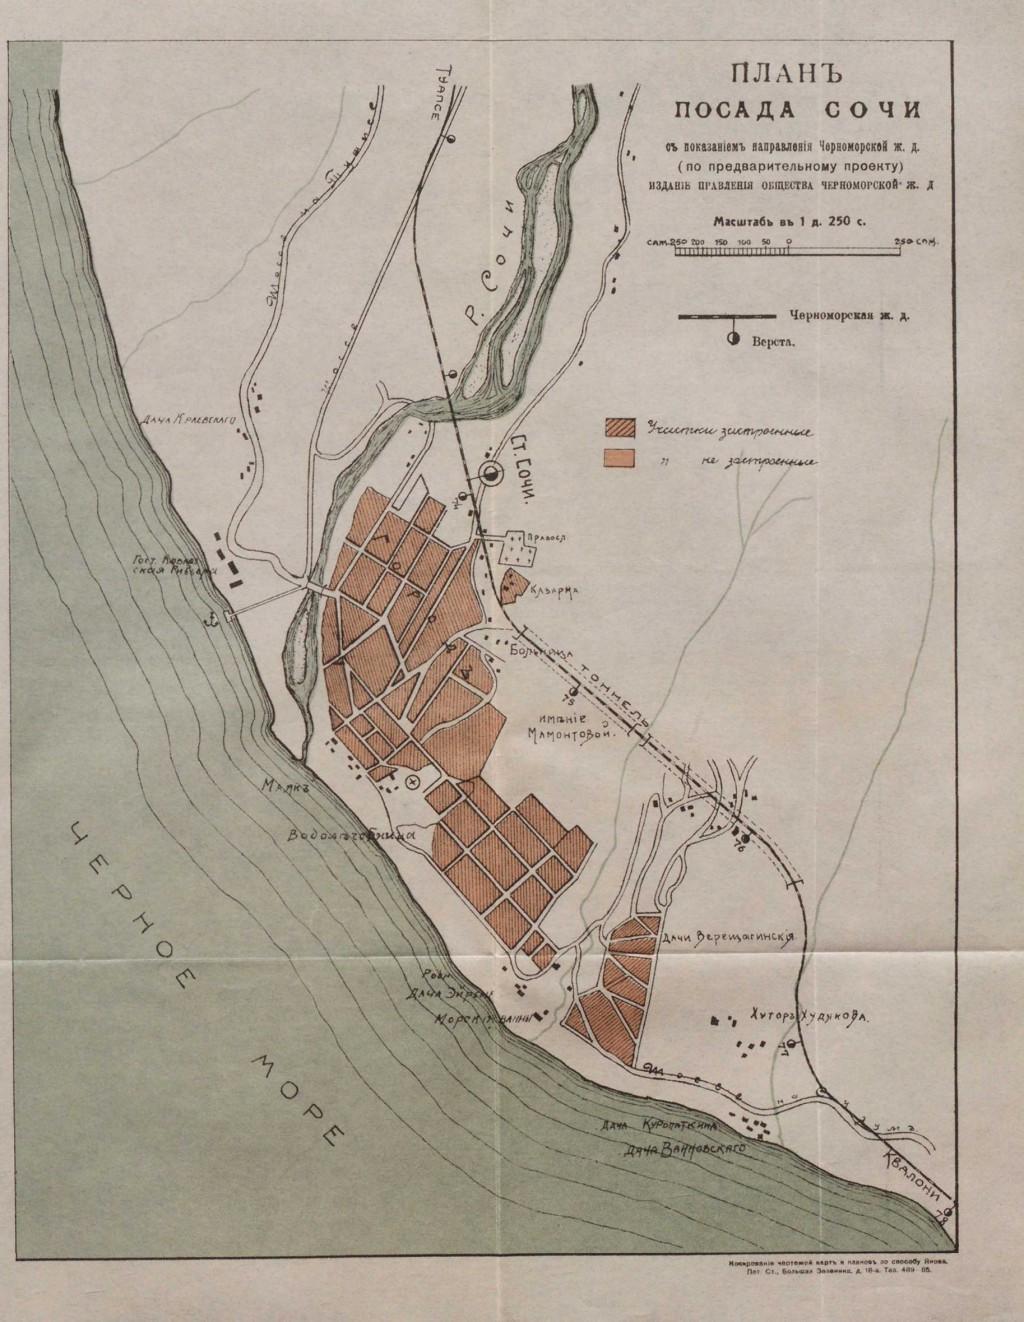 План посада Сочи 1913 года